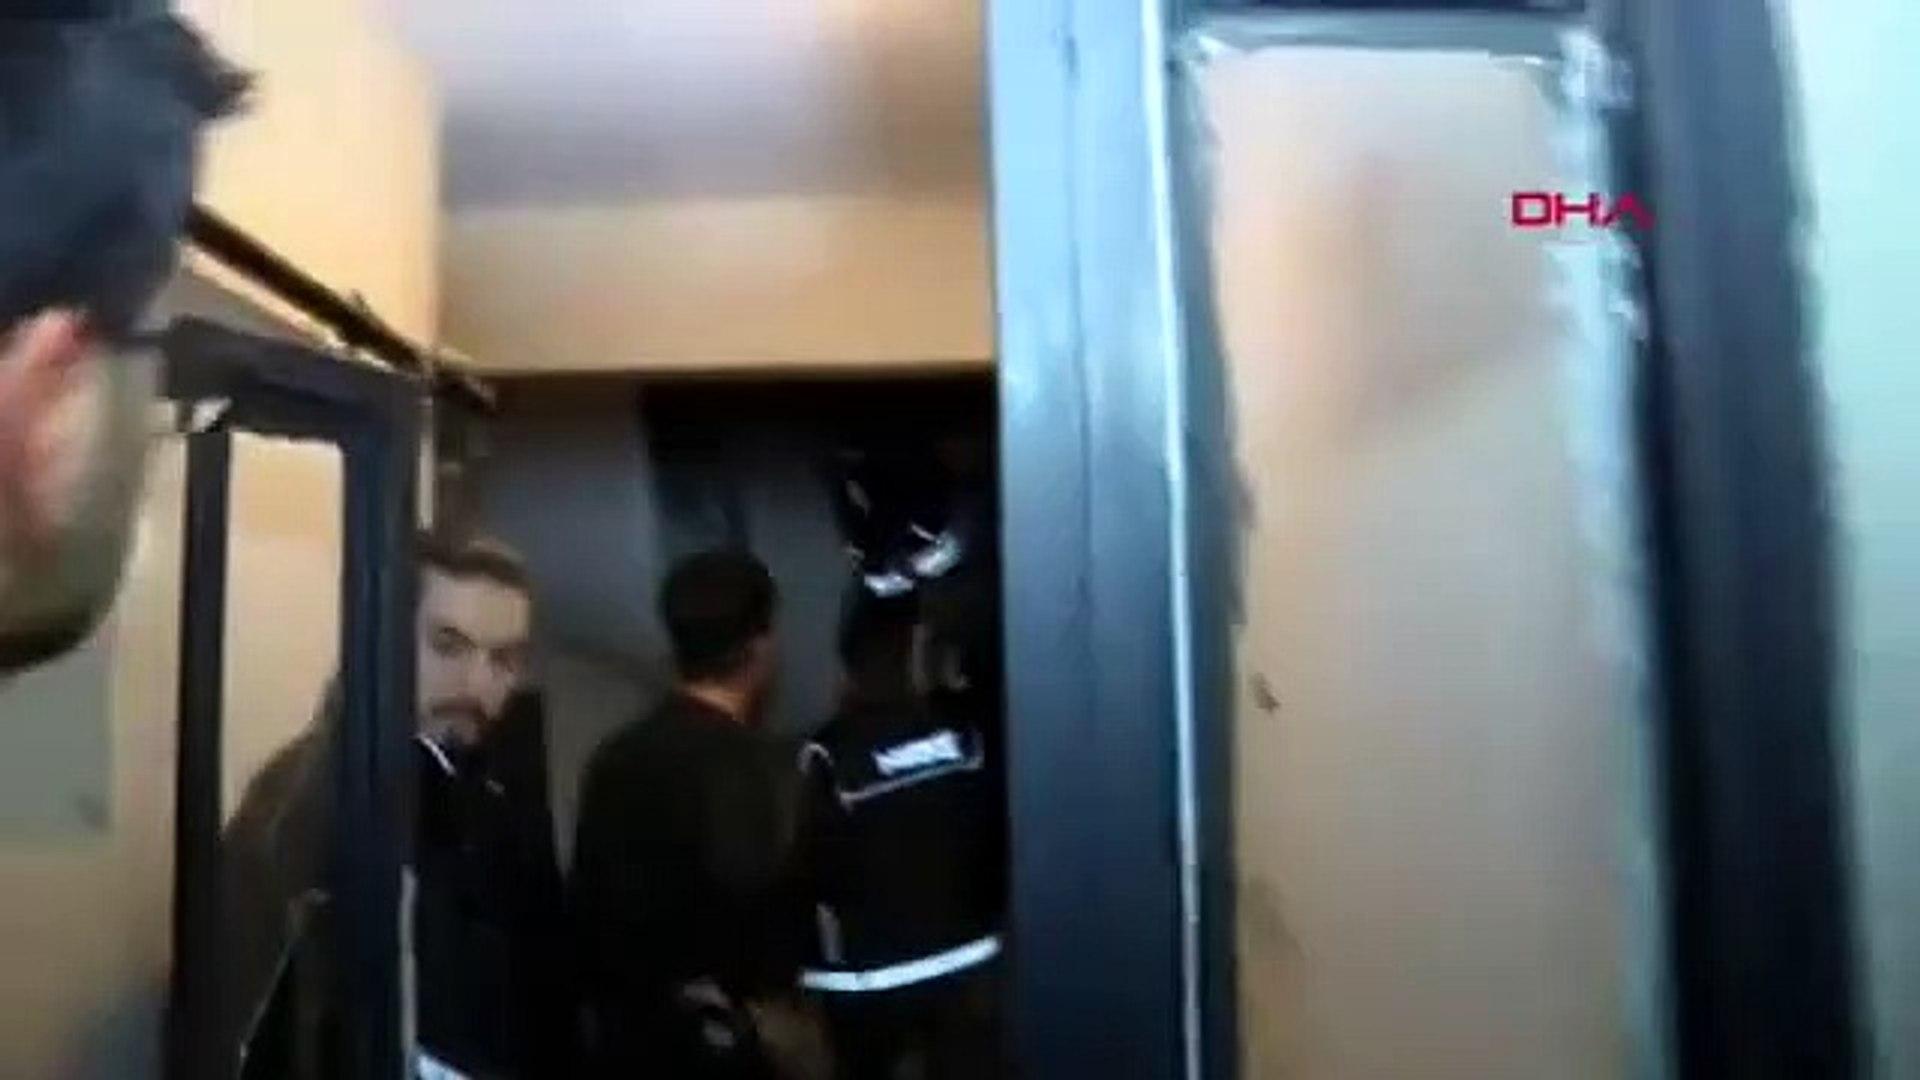 İstanbul'da uyuşturucu operasyonu - Haber